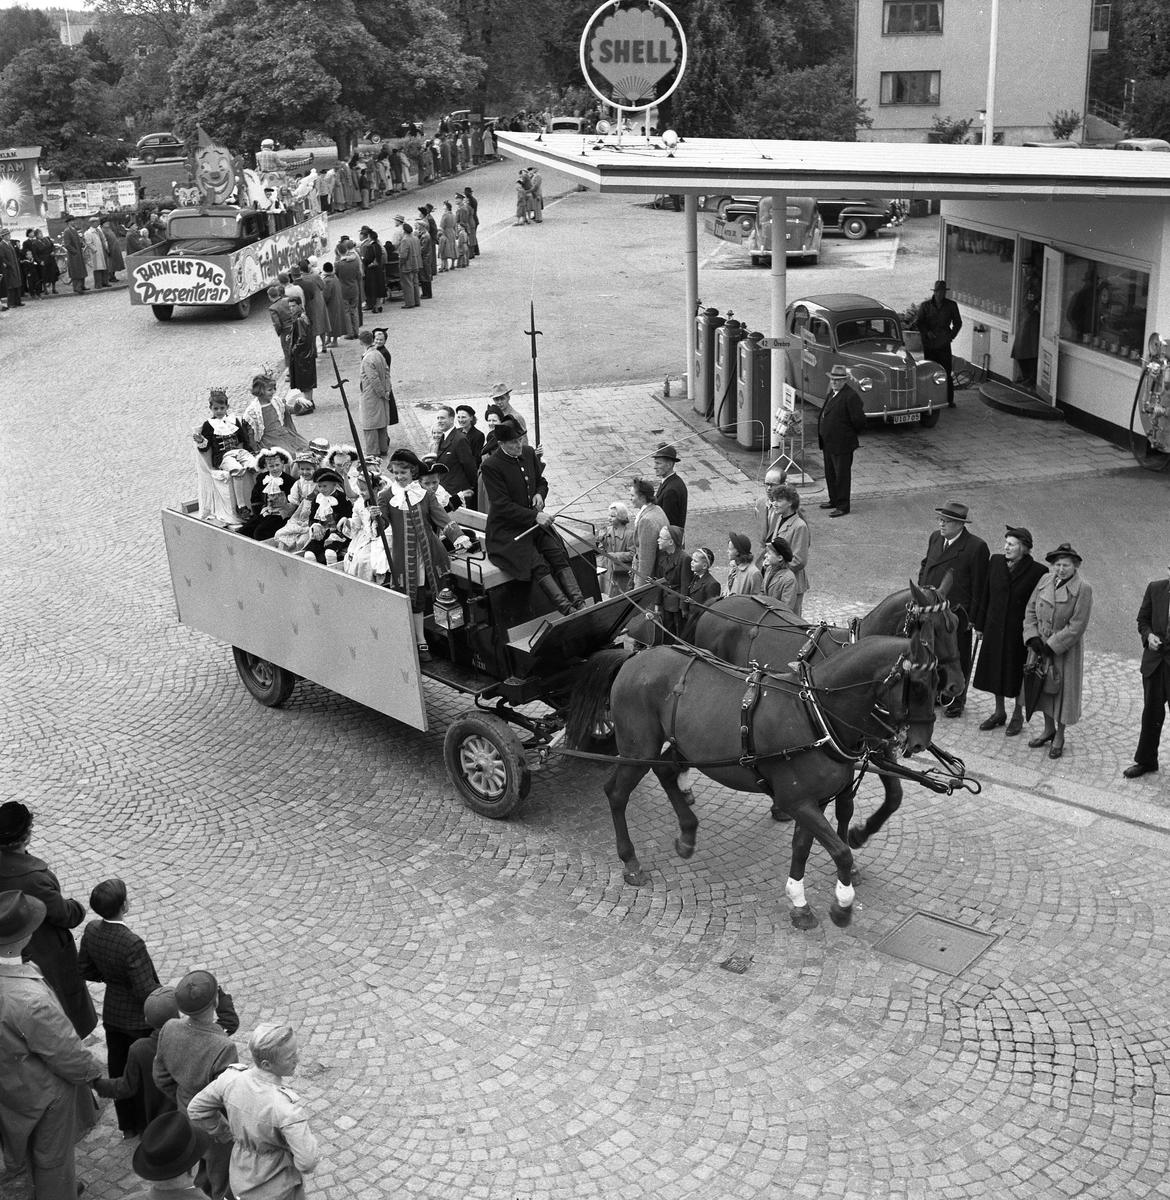 Barnens Dag firas. Två hästar drar en vagn med Barnens Dags Prins och Prinsessa; Erik-Gunnar Larsson och Margareta Lönnberg. Fler utklädda barn sitter på vagnen. En lastbil kommer efter, i paraden. Till höger ses Shells bensinstation vid Jäderstullen. Publiken kantar Jädersvägen.